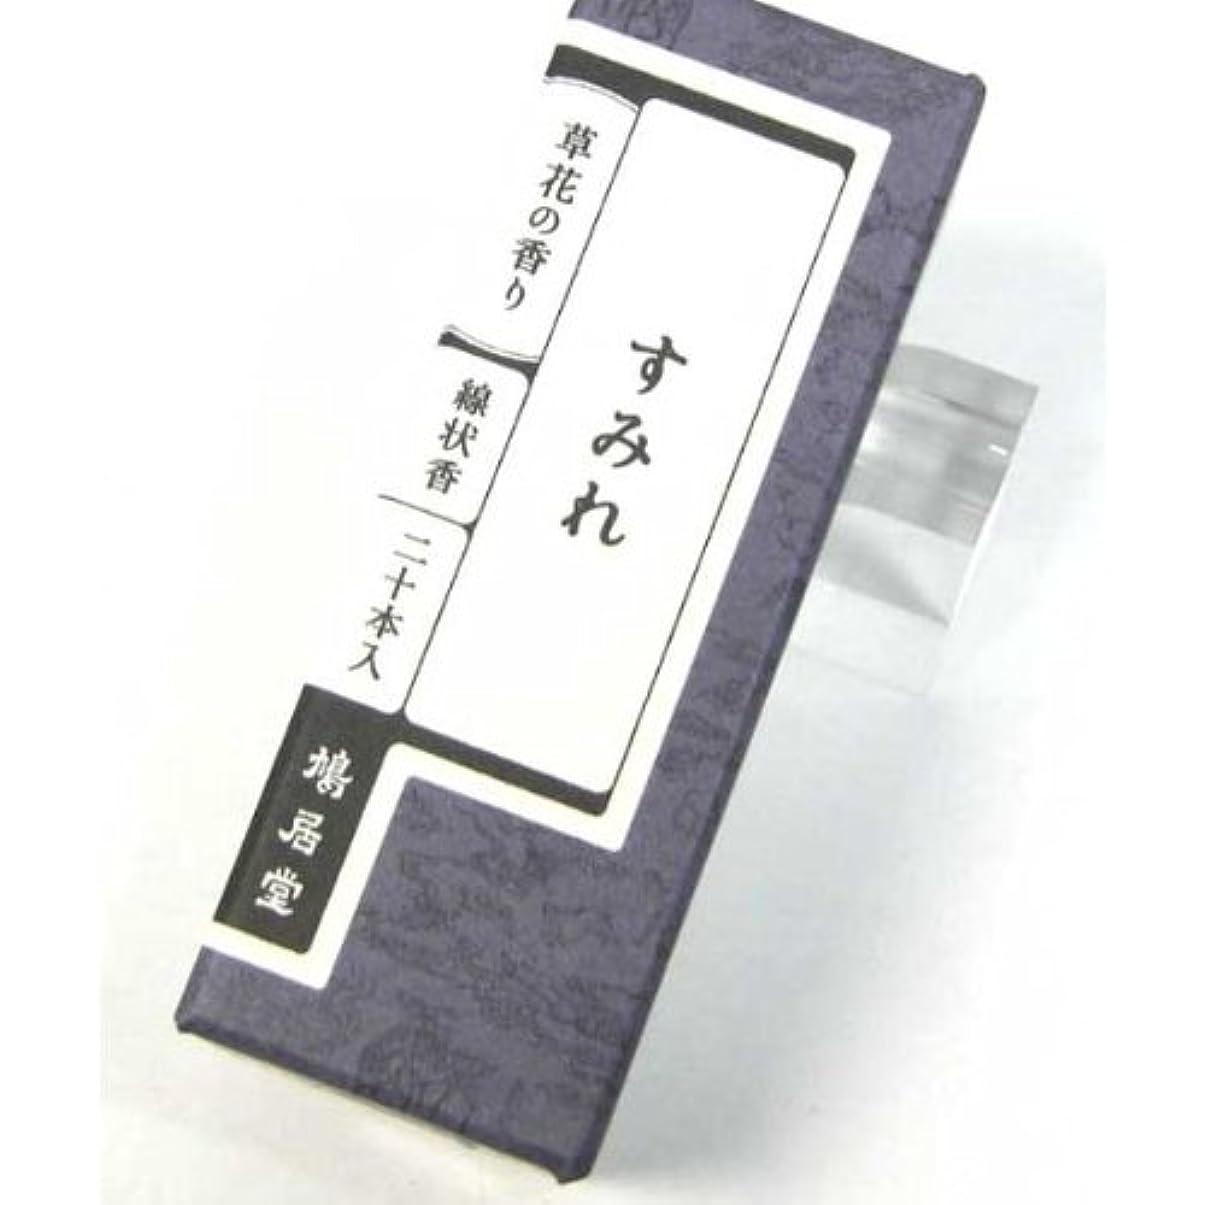 することになっている節約するオーク鳩居堂 お香 すみれ/菫 草花の香りシリーズ スティックタイプ(棒状香)20本いり